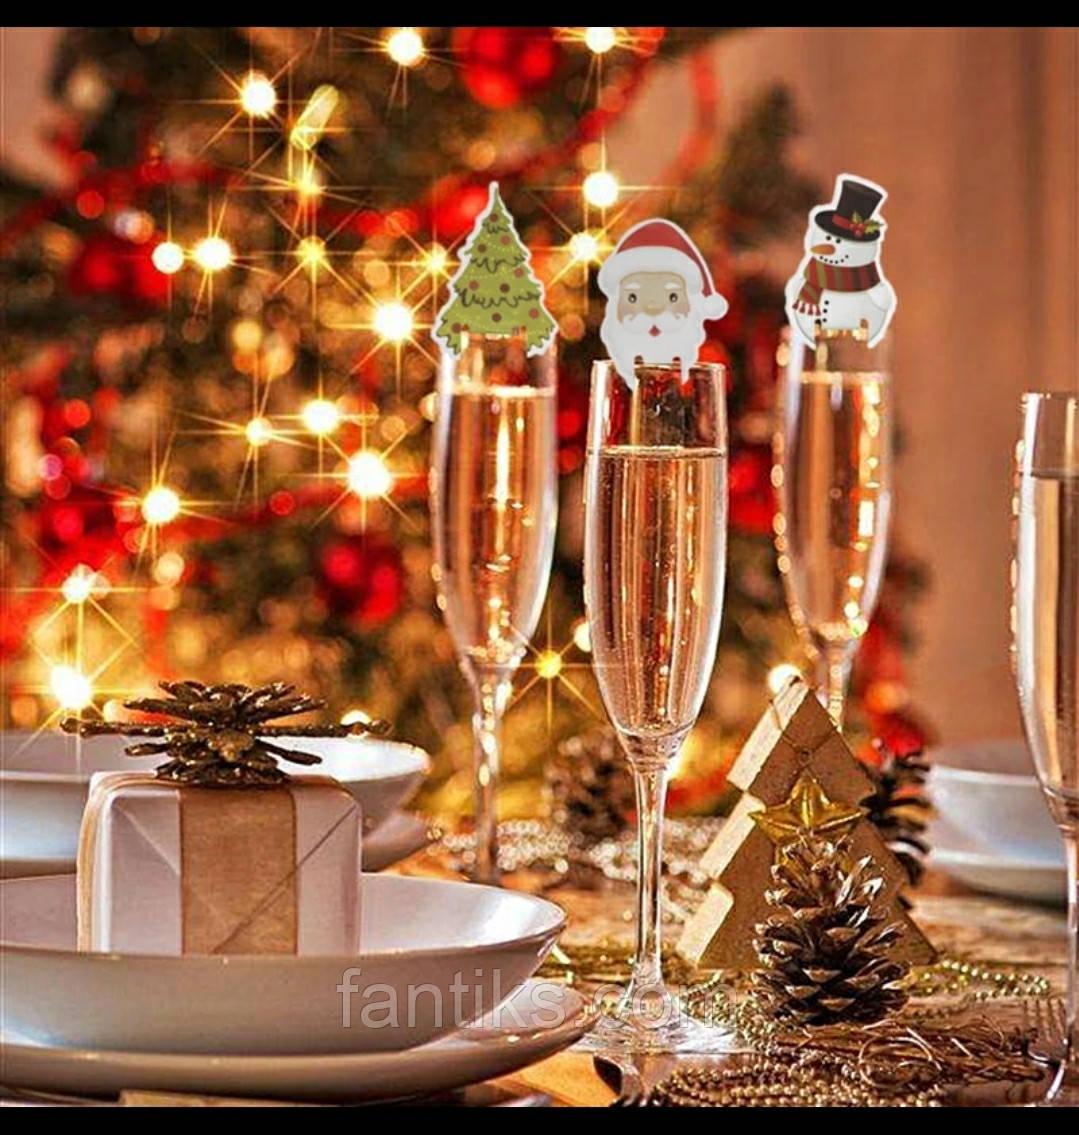 Набор новогодних украшений для бокалов/стаканов - 10 шт